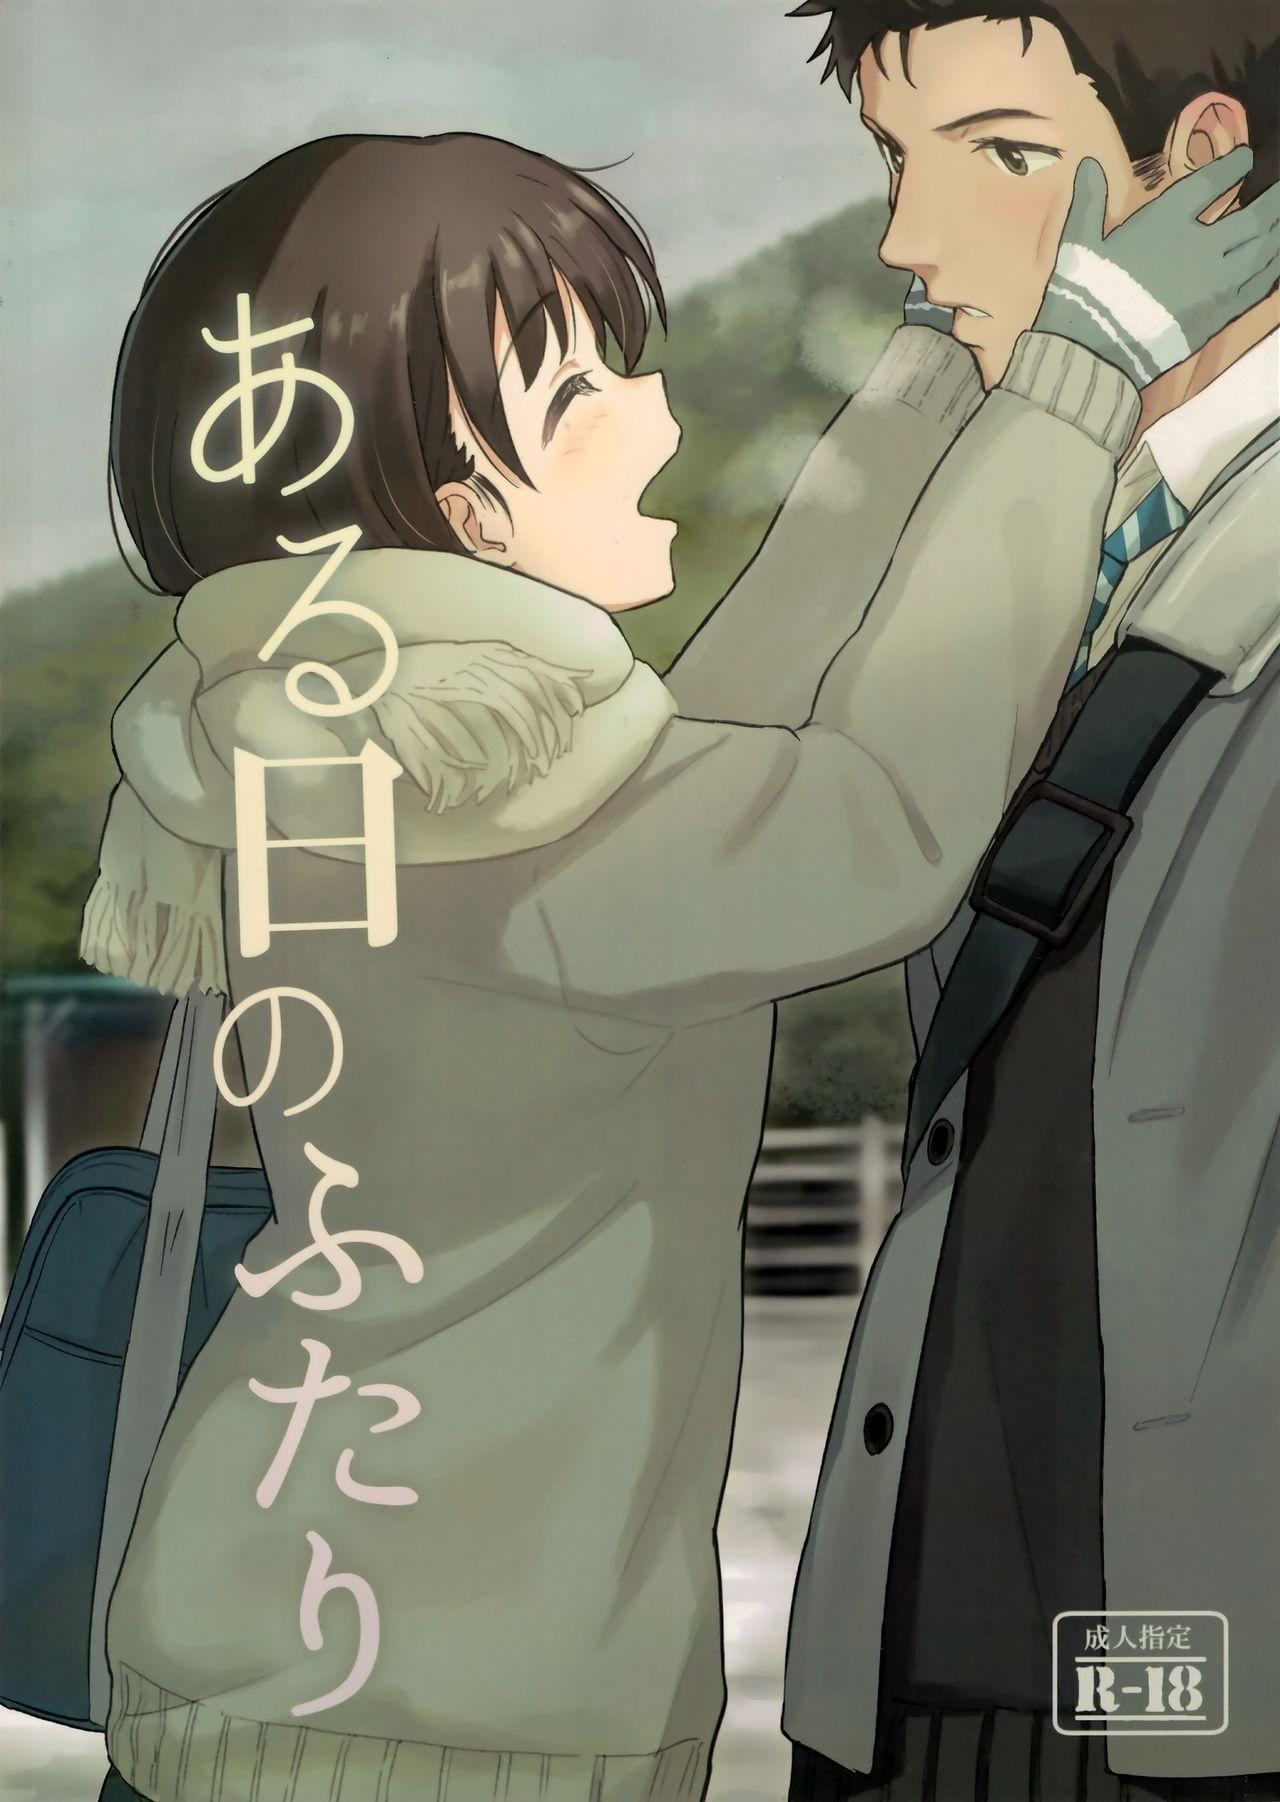 【エロ漫画】もうすっかり寒くなってきた冬のある日のカップルはイチャラブセックスで暖め合う♪【無料 エロ同人誌】